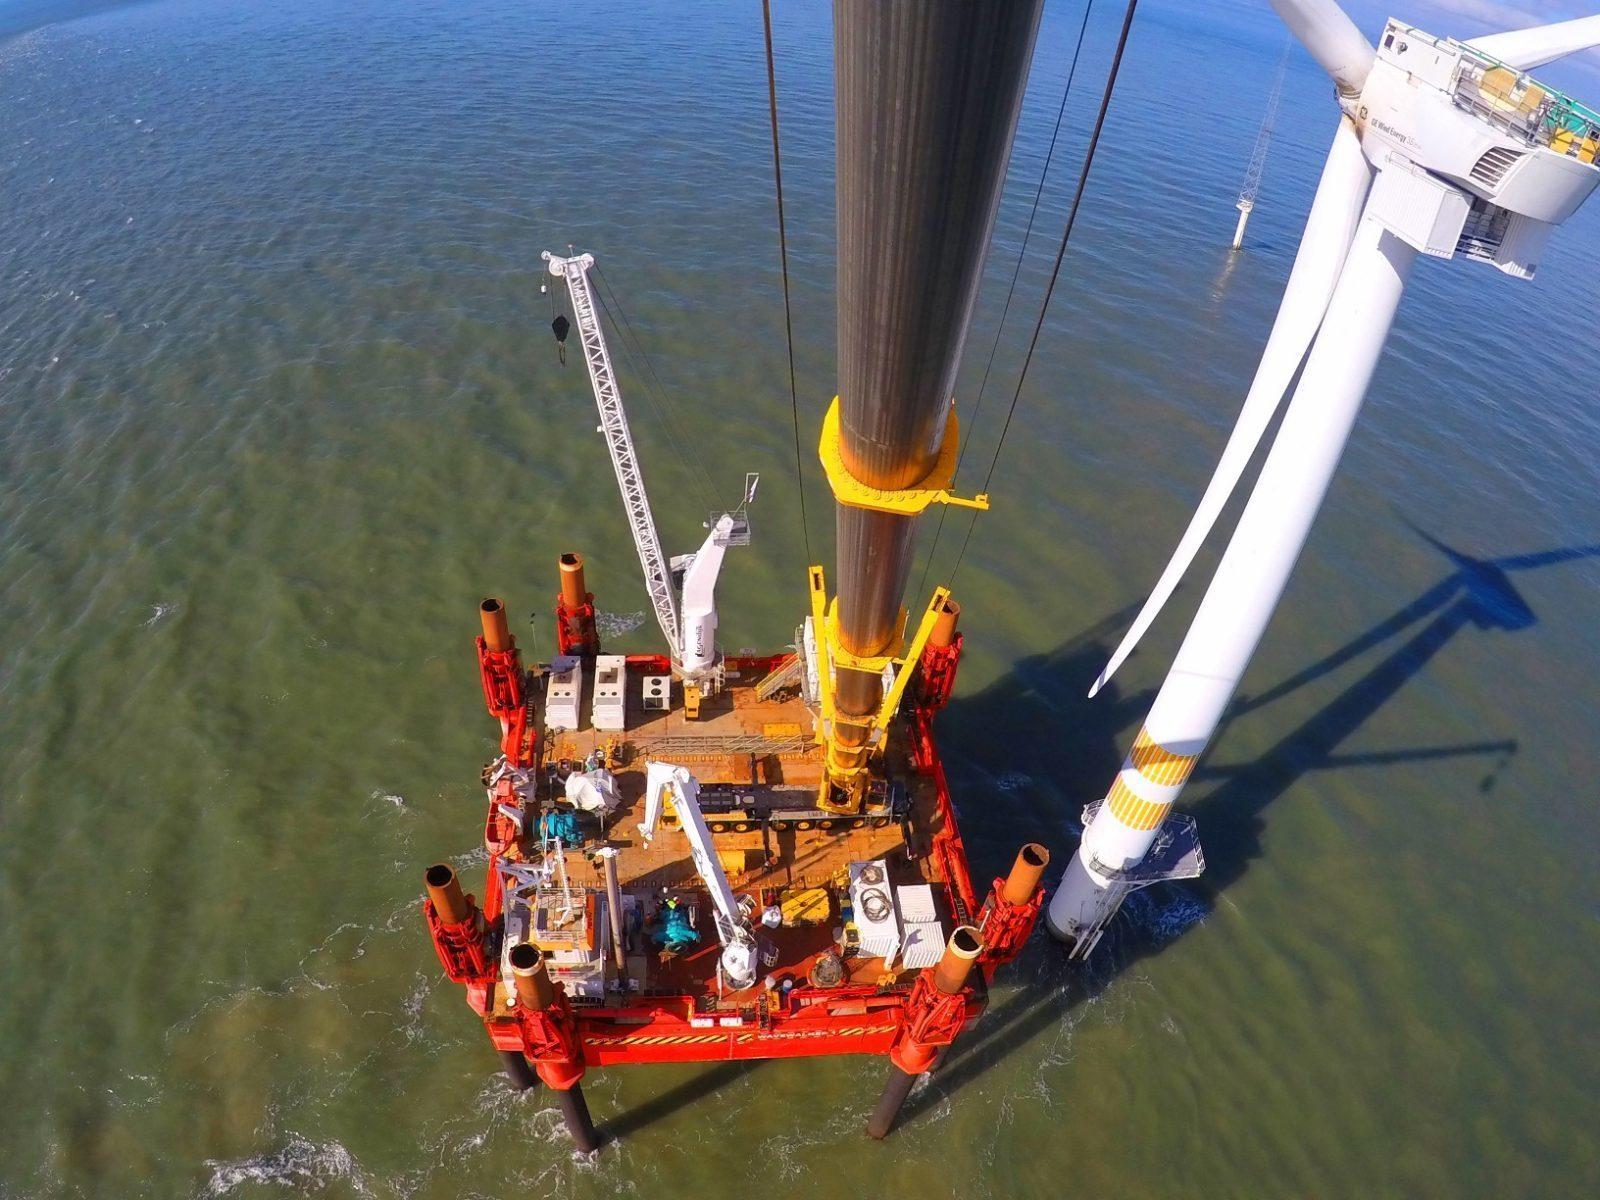 Offshore-Windfarm-OM-2015-e1528800306388.jpg